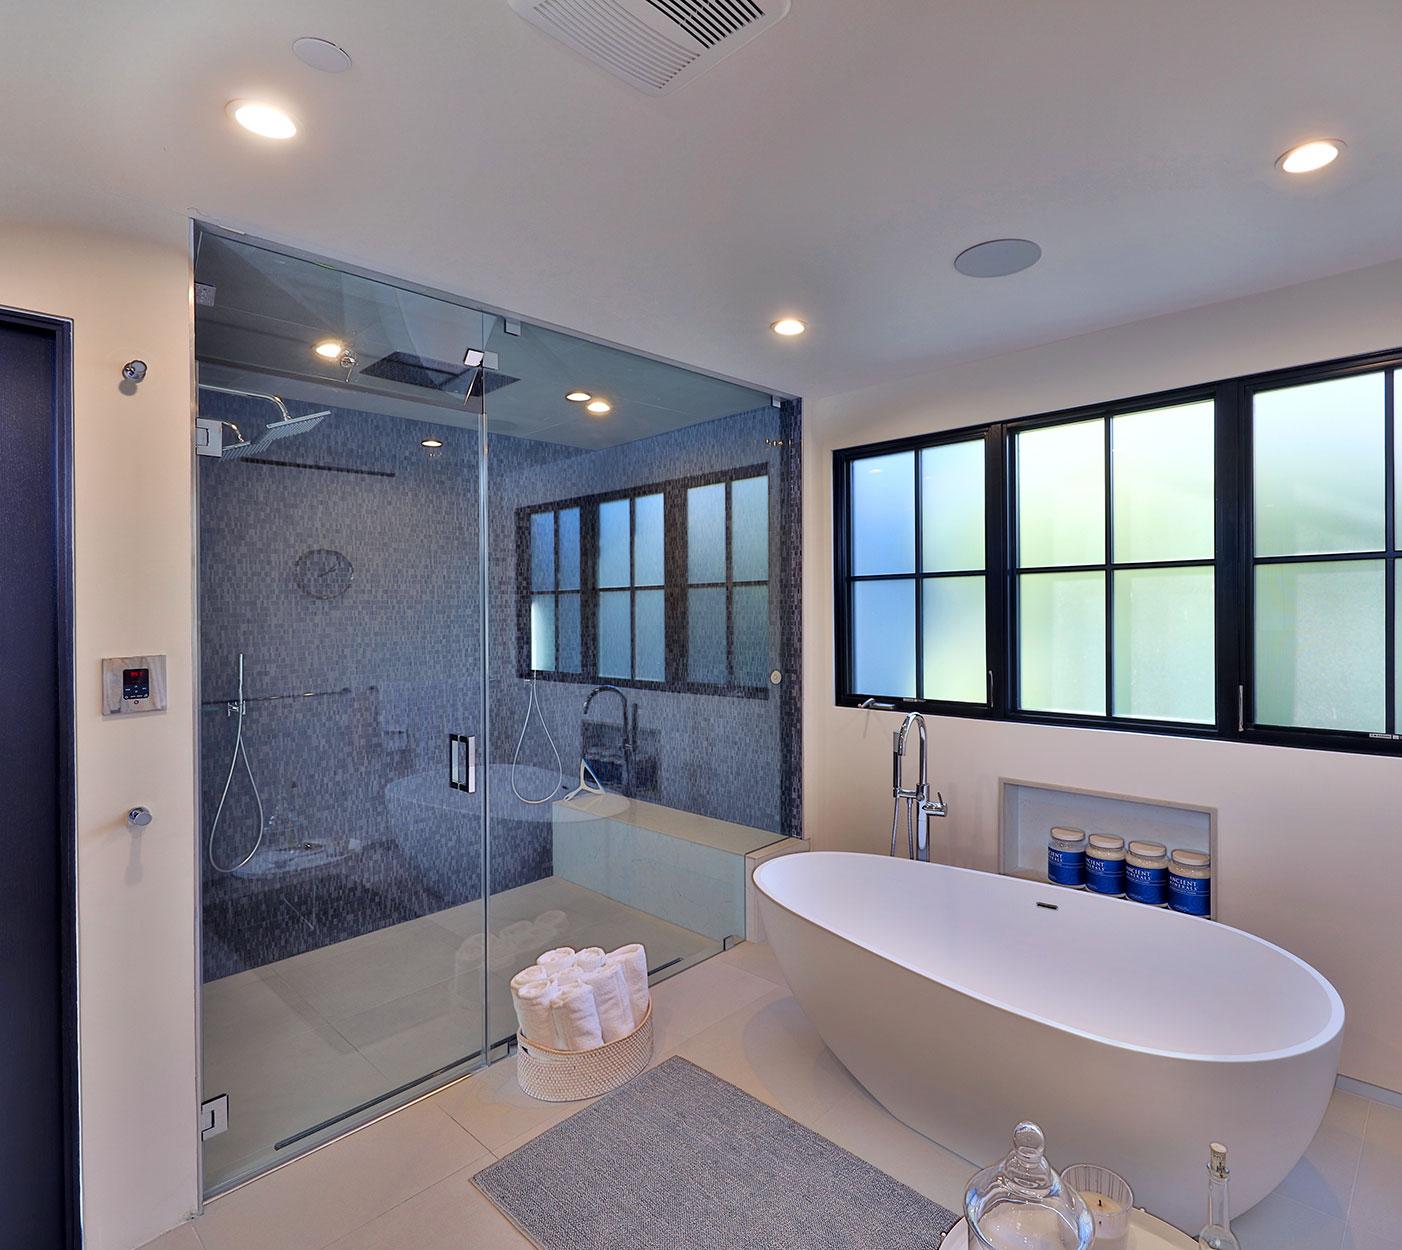 Silicon-Bay-master-bath-contemporary-Los-Angeles.JPG